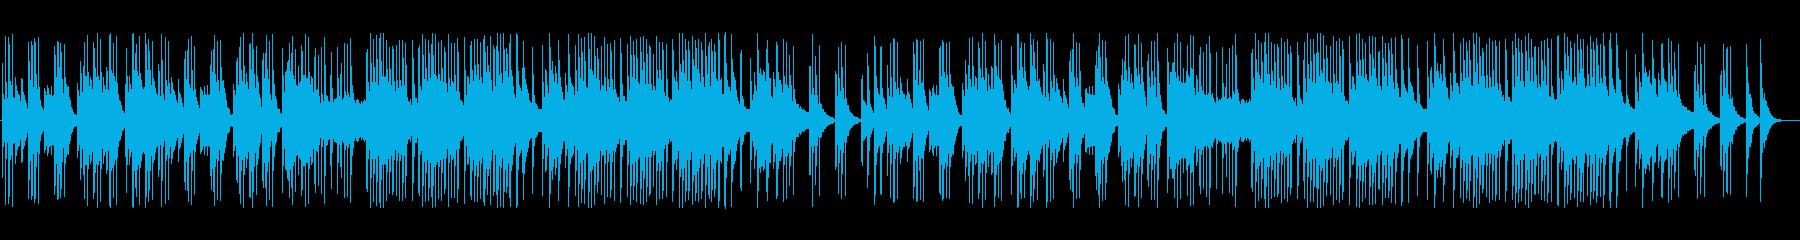 のんびり・のどかなクラシック風ポップスの再生済みの波形